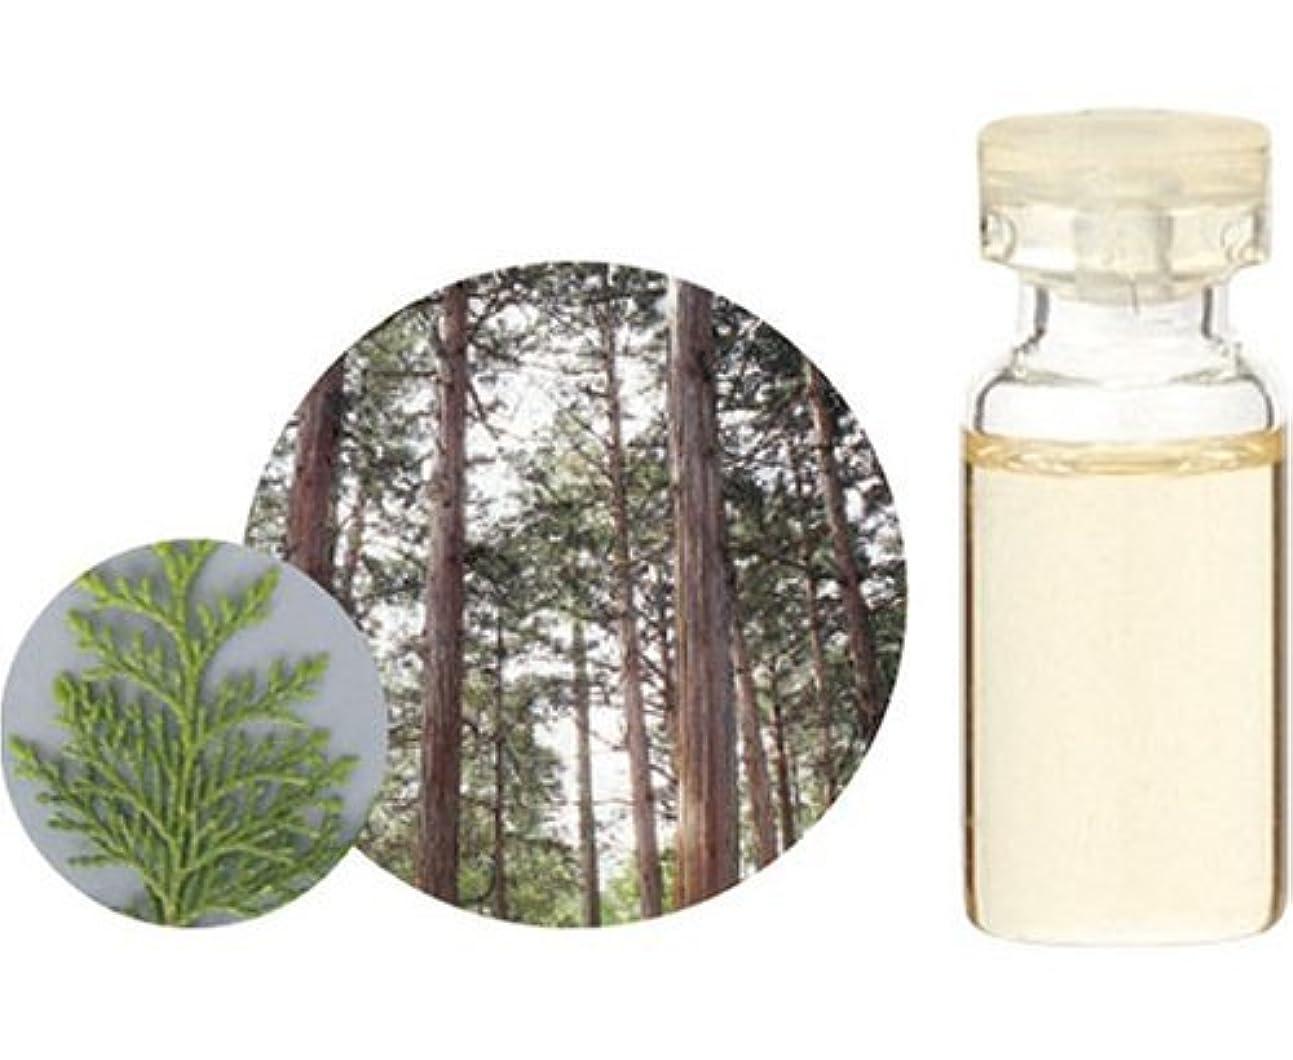 アナロジー見せます計画生活の木 エッセンシャルオイル ヒノキ 10ml